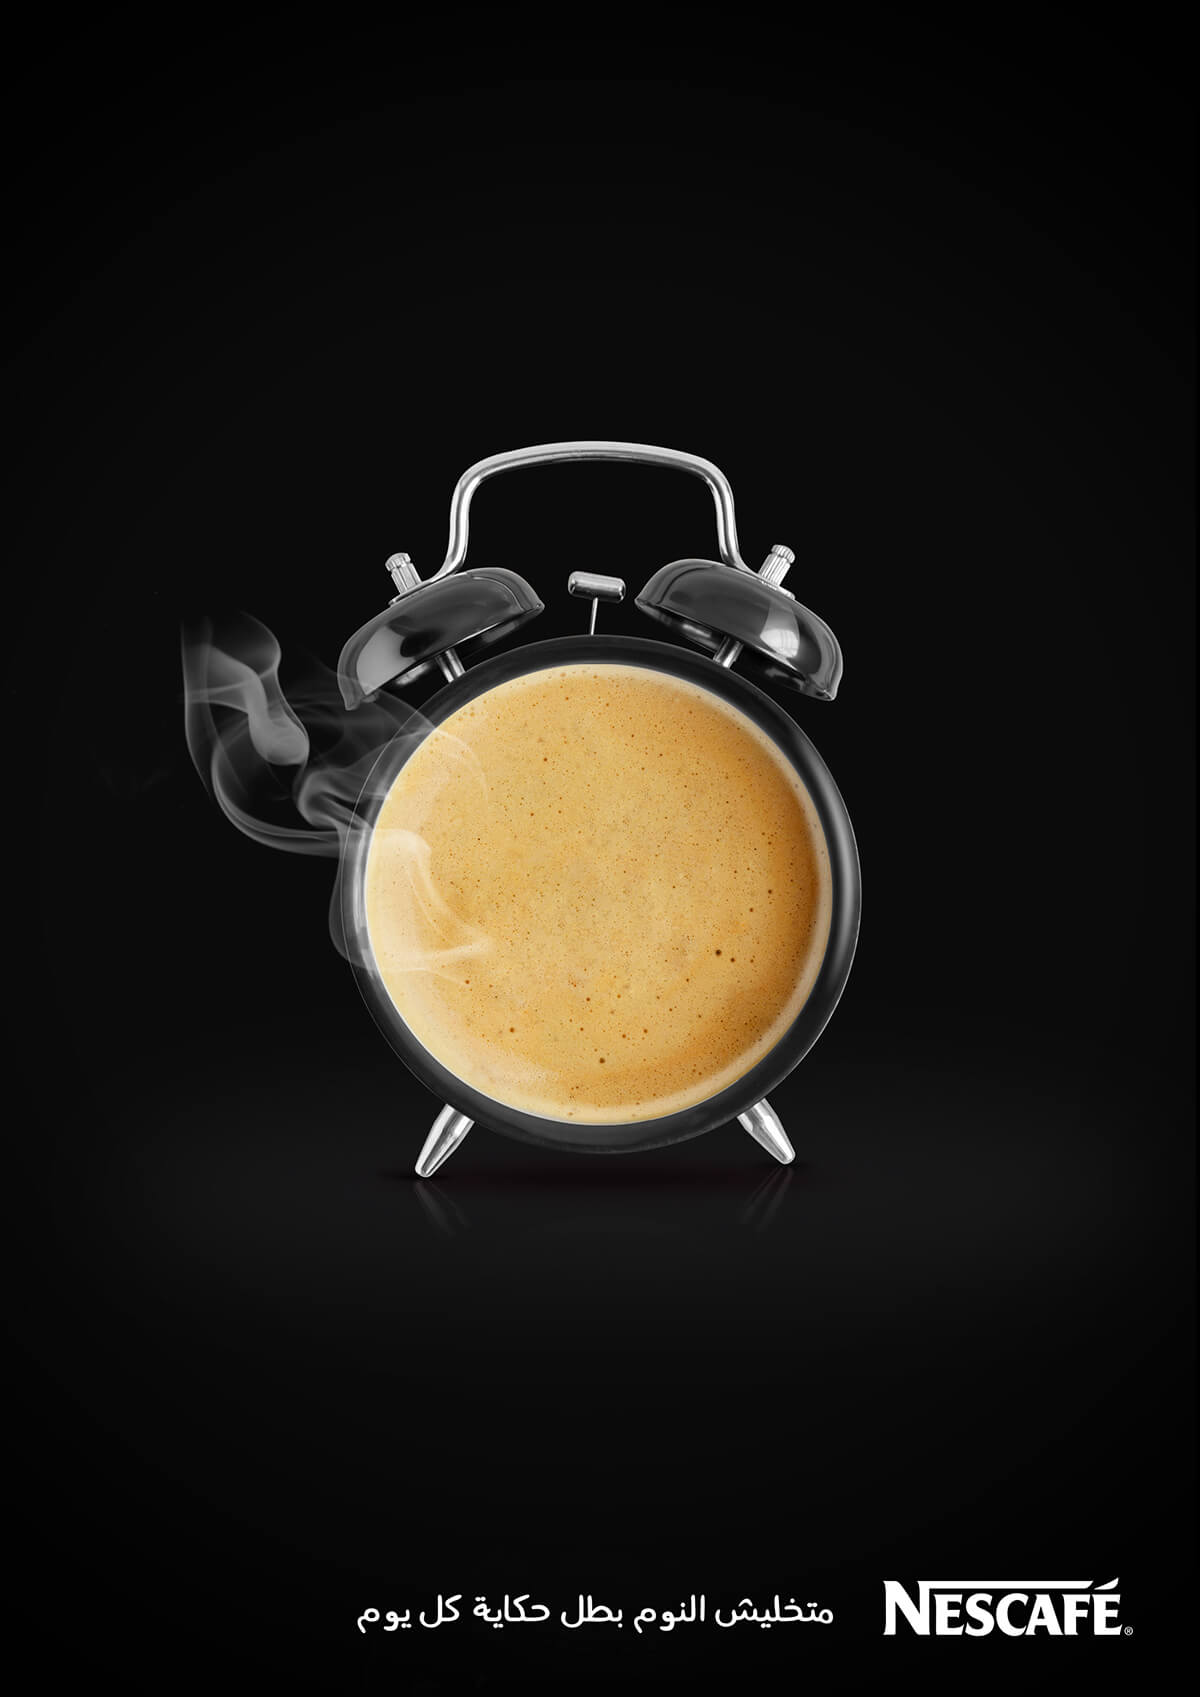 Nescafe Print Ad